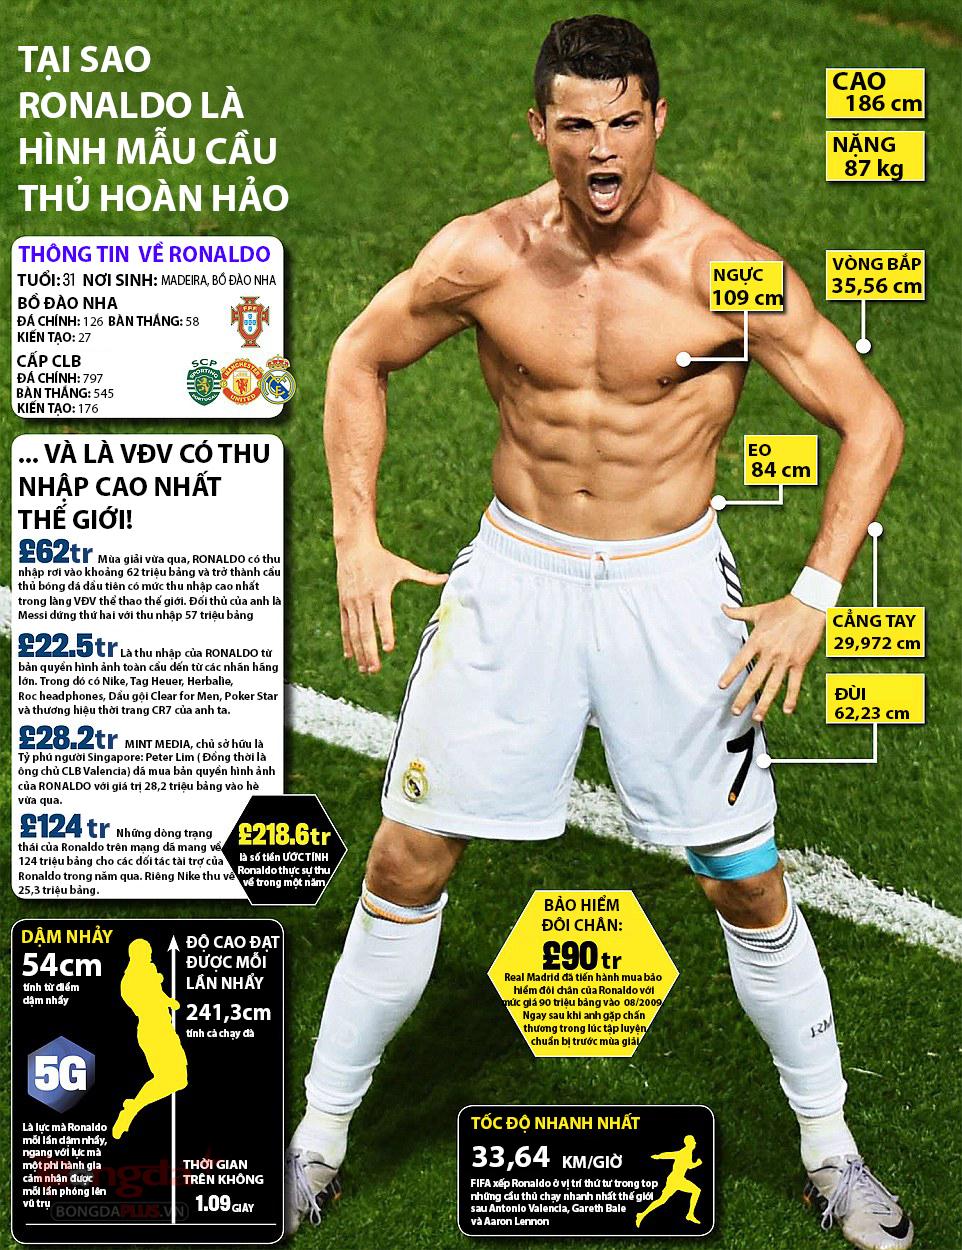 Vì sao Cristiano Ronaldo trở thành hình mẫu cầu thủ hoàn hảo? - Ảnh 1